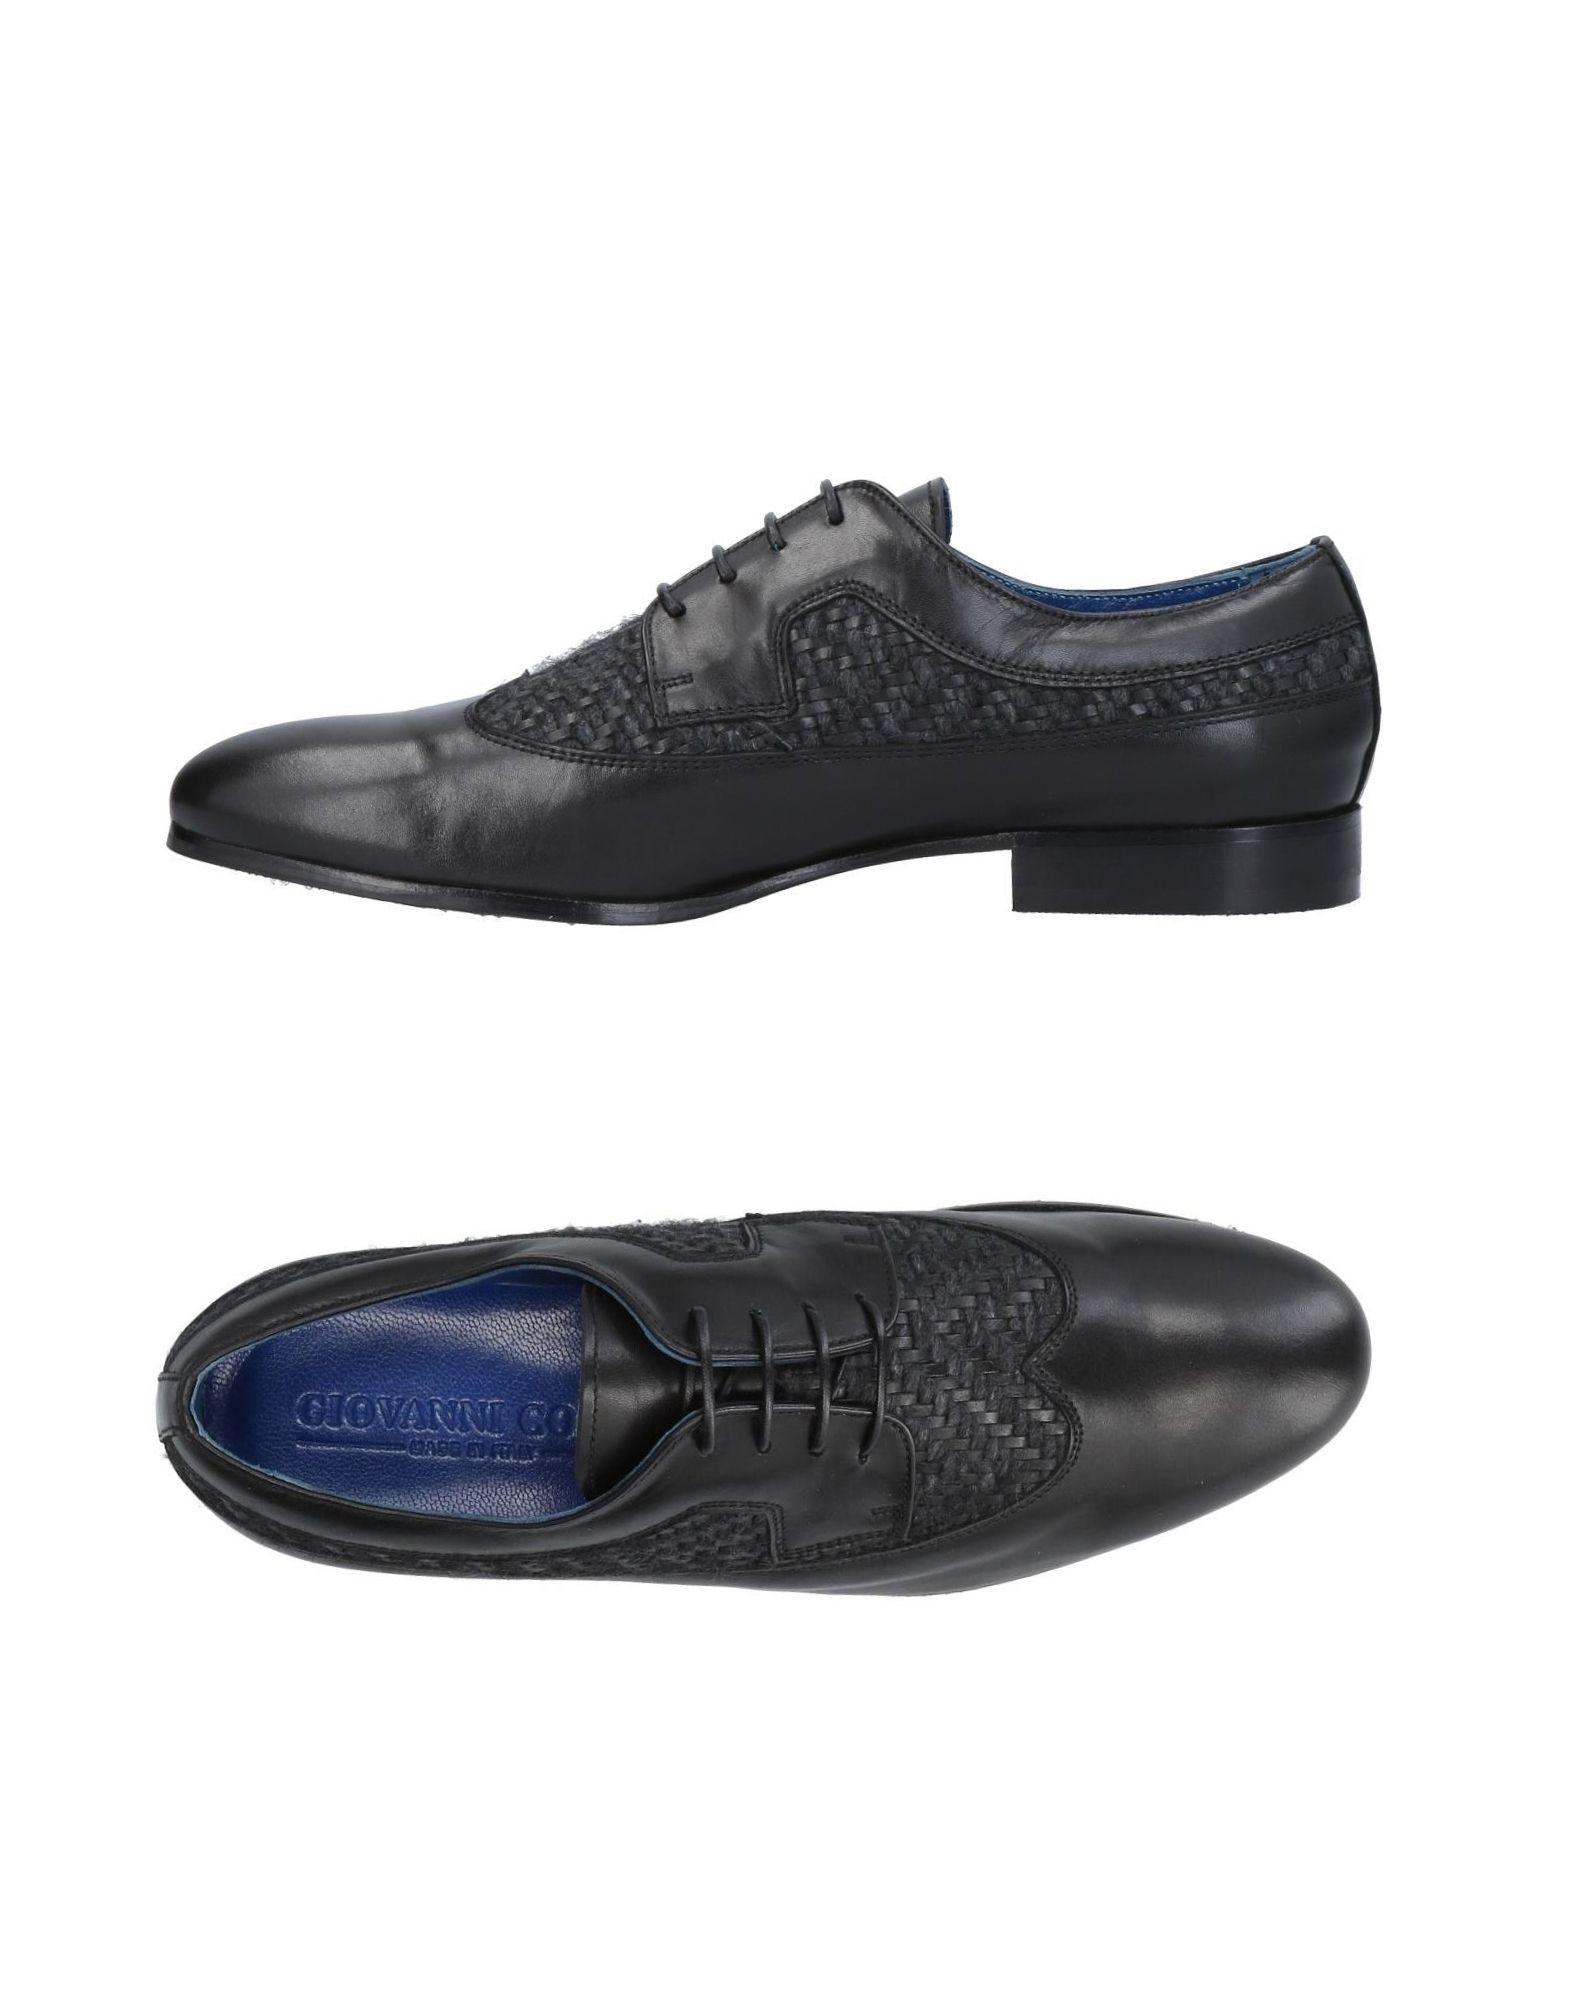 Descuento de la marca Zapato De Cordones Giovanni Conti Conti Conti Mujer - Zapatos De Cordones Giovanni Conti  Negro 6c45c5